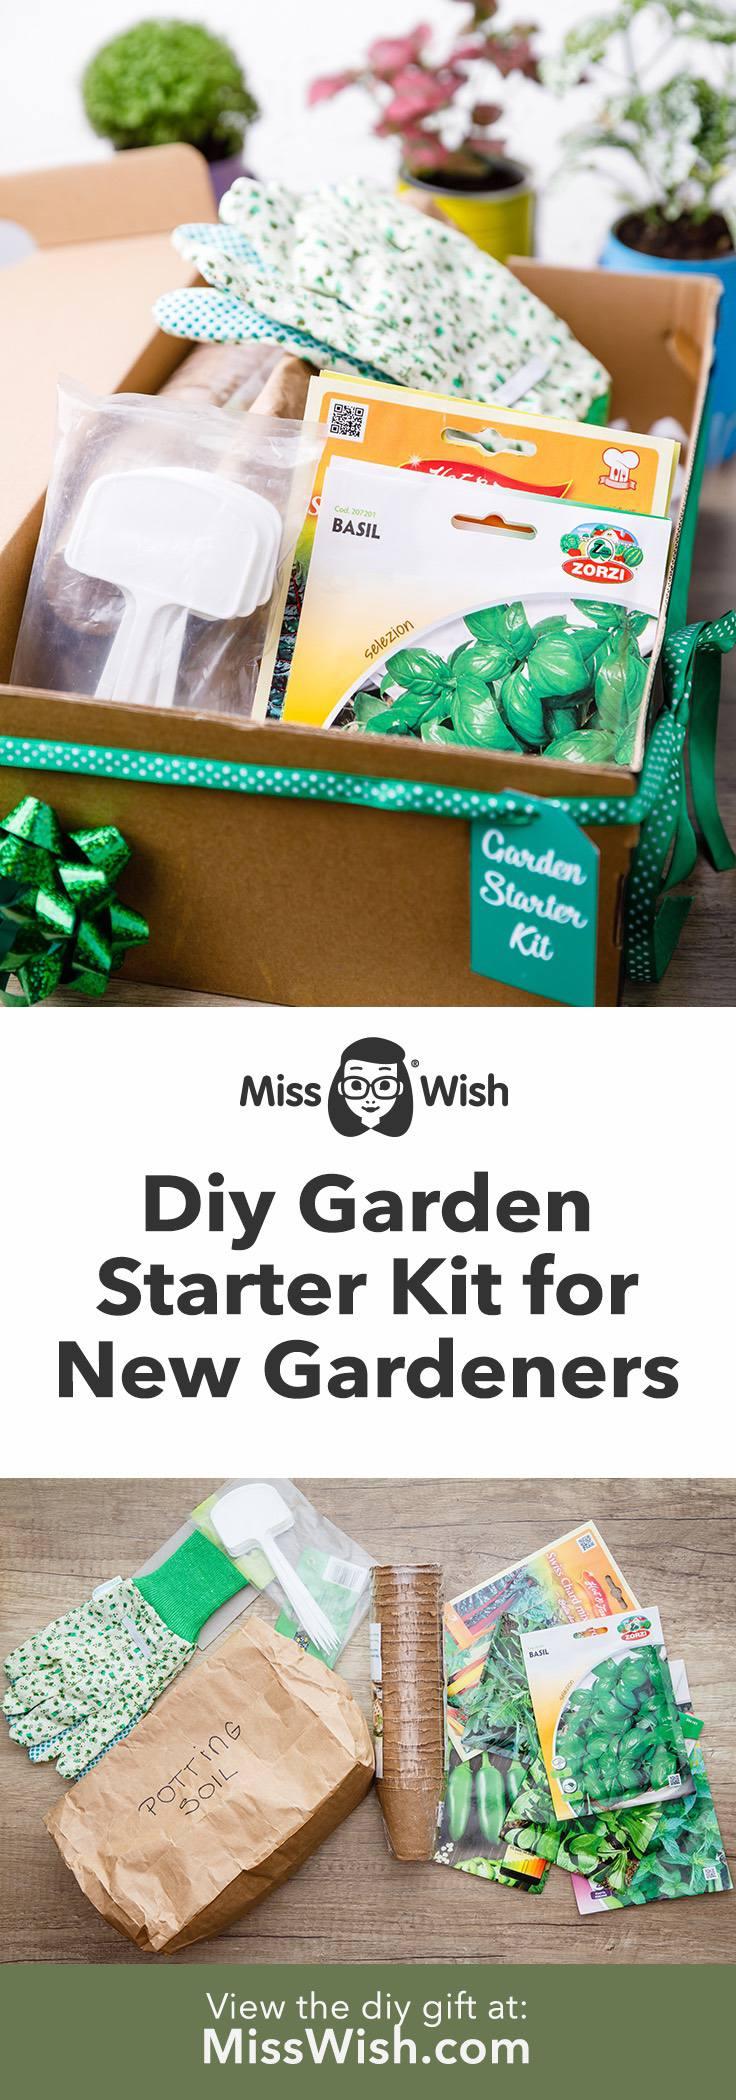 Homemade Garden Starter Kit Gift Set for New Gardeners